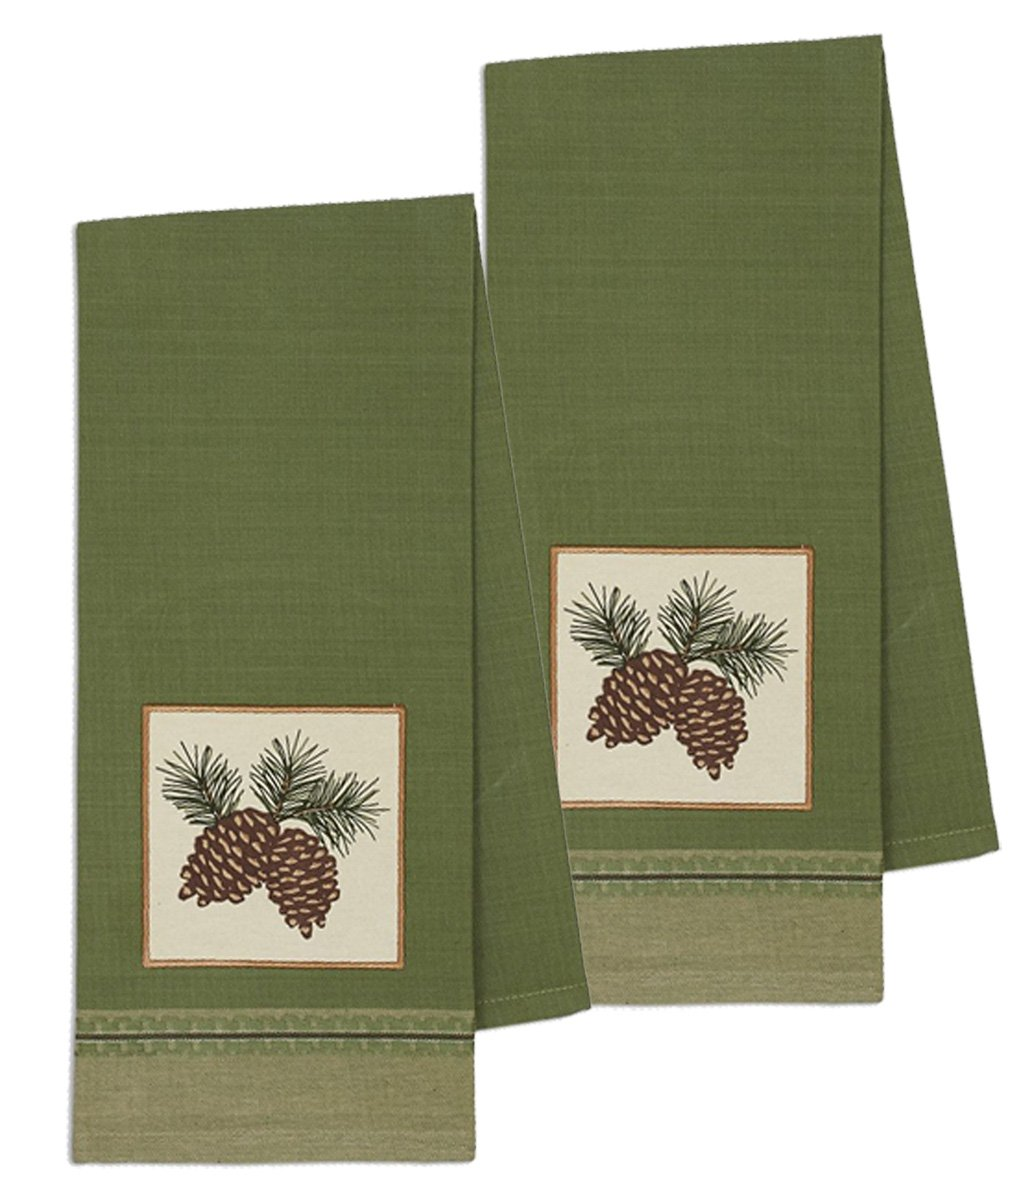 デザインImports Mountain Pineコットンテーブルリネン 18 x 28 - Dishtowel 2-Pack 18 x 28 - Dishtowel 2-Pack Pinecone Sprig Embellished B0792B56D7